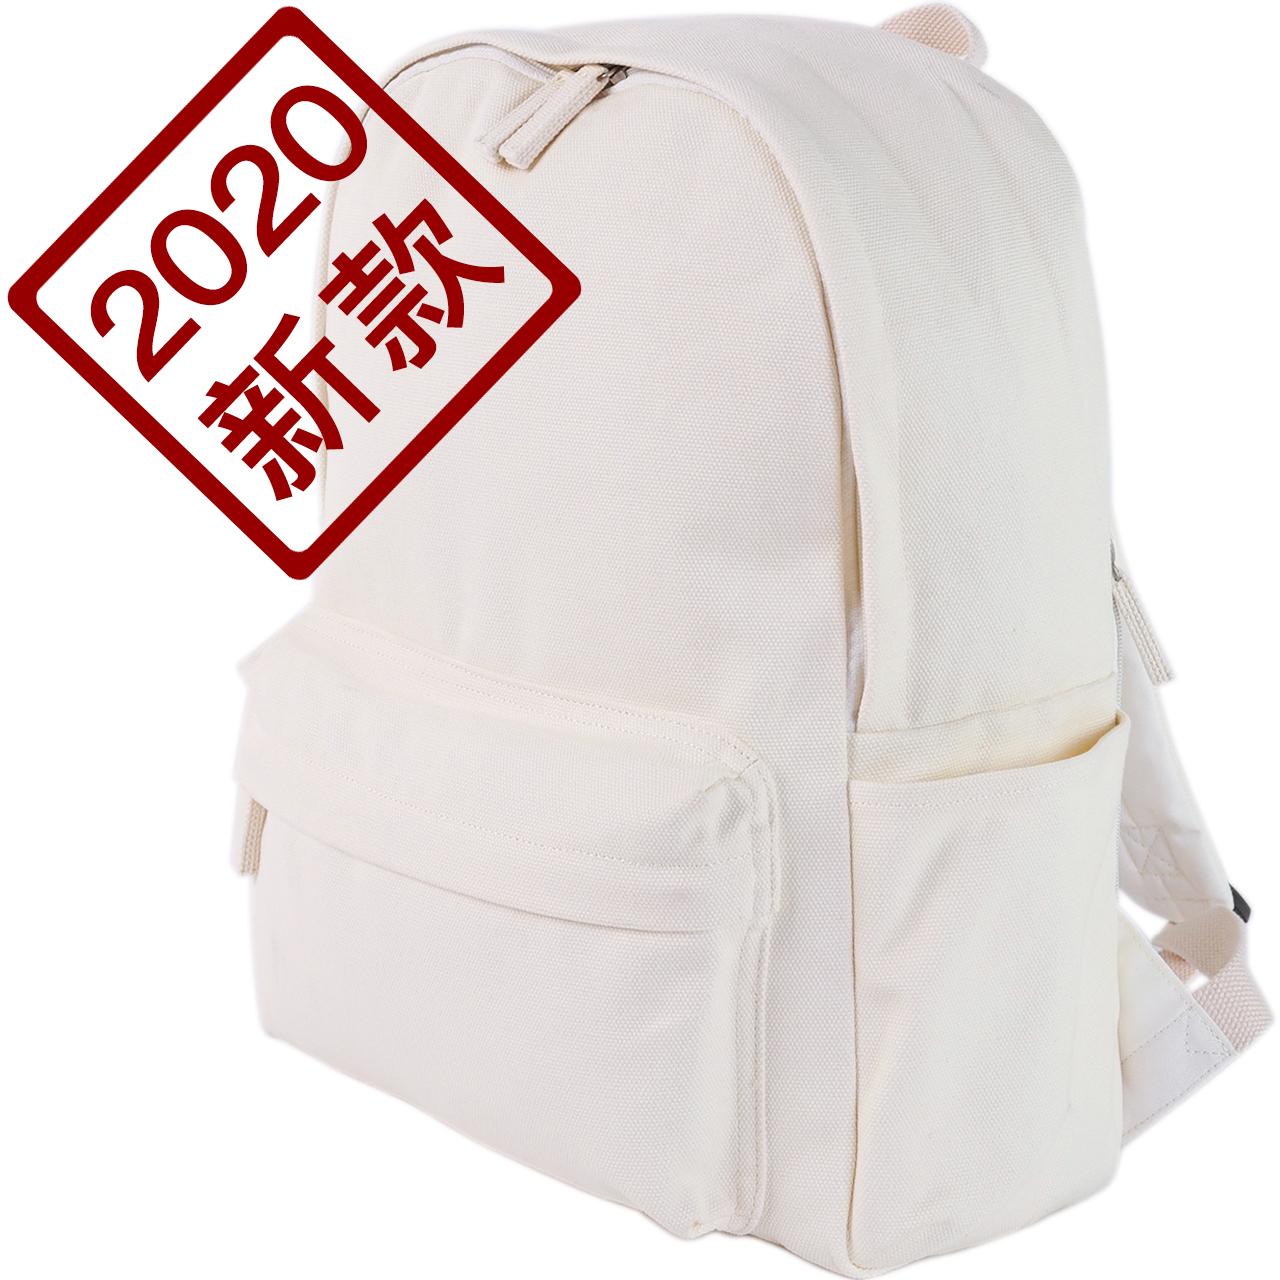 白色双肩包 无印良品双肩包帆布白色女日系纯色书包男简约背包2020新款正品_推荐淘宝好看的白色双肩包